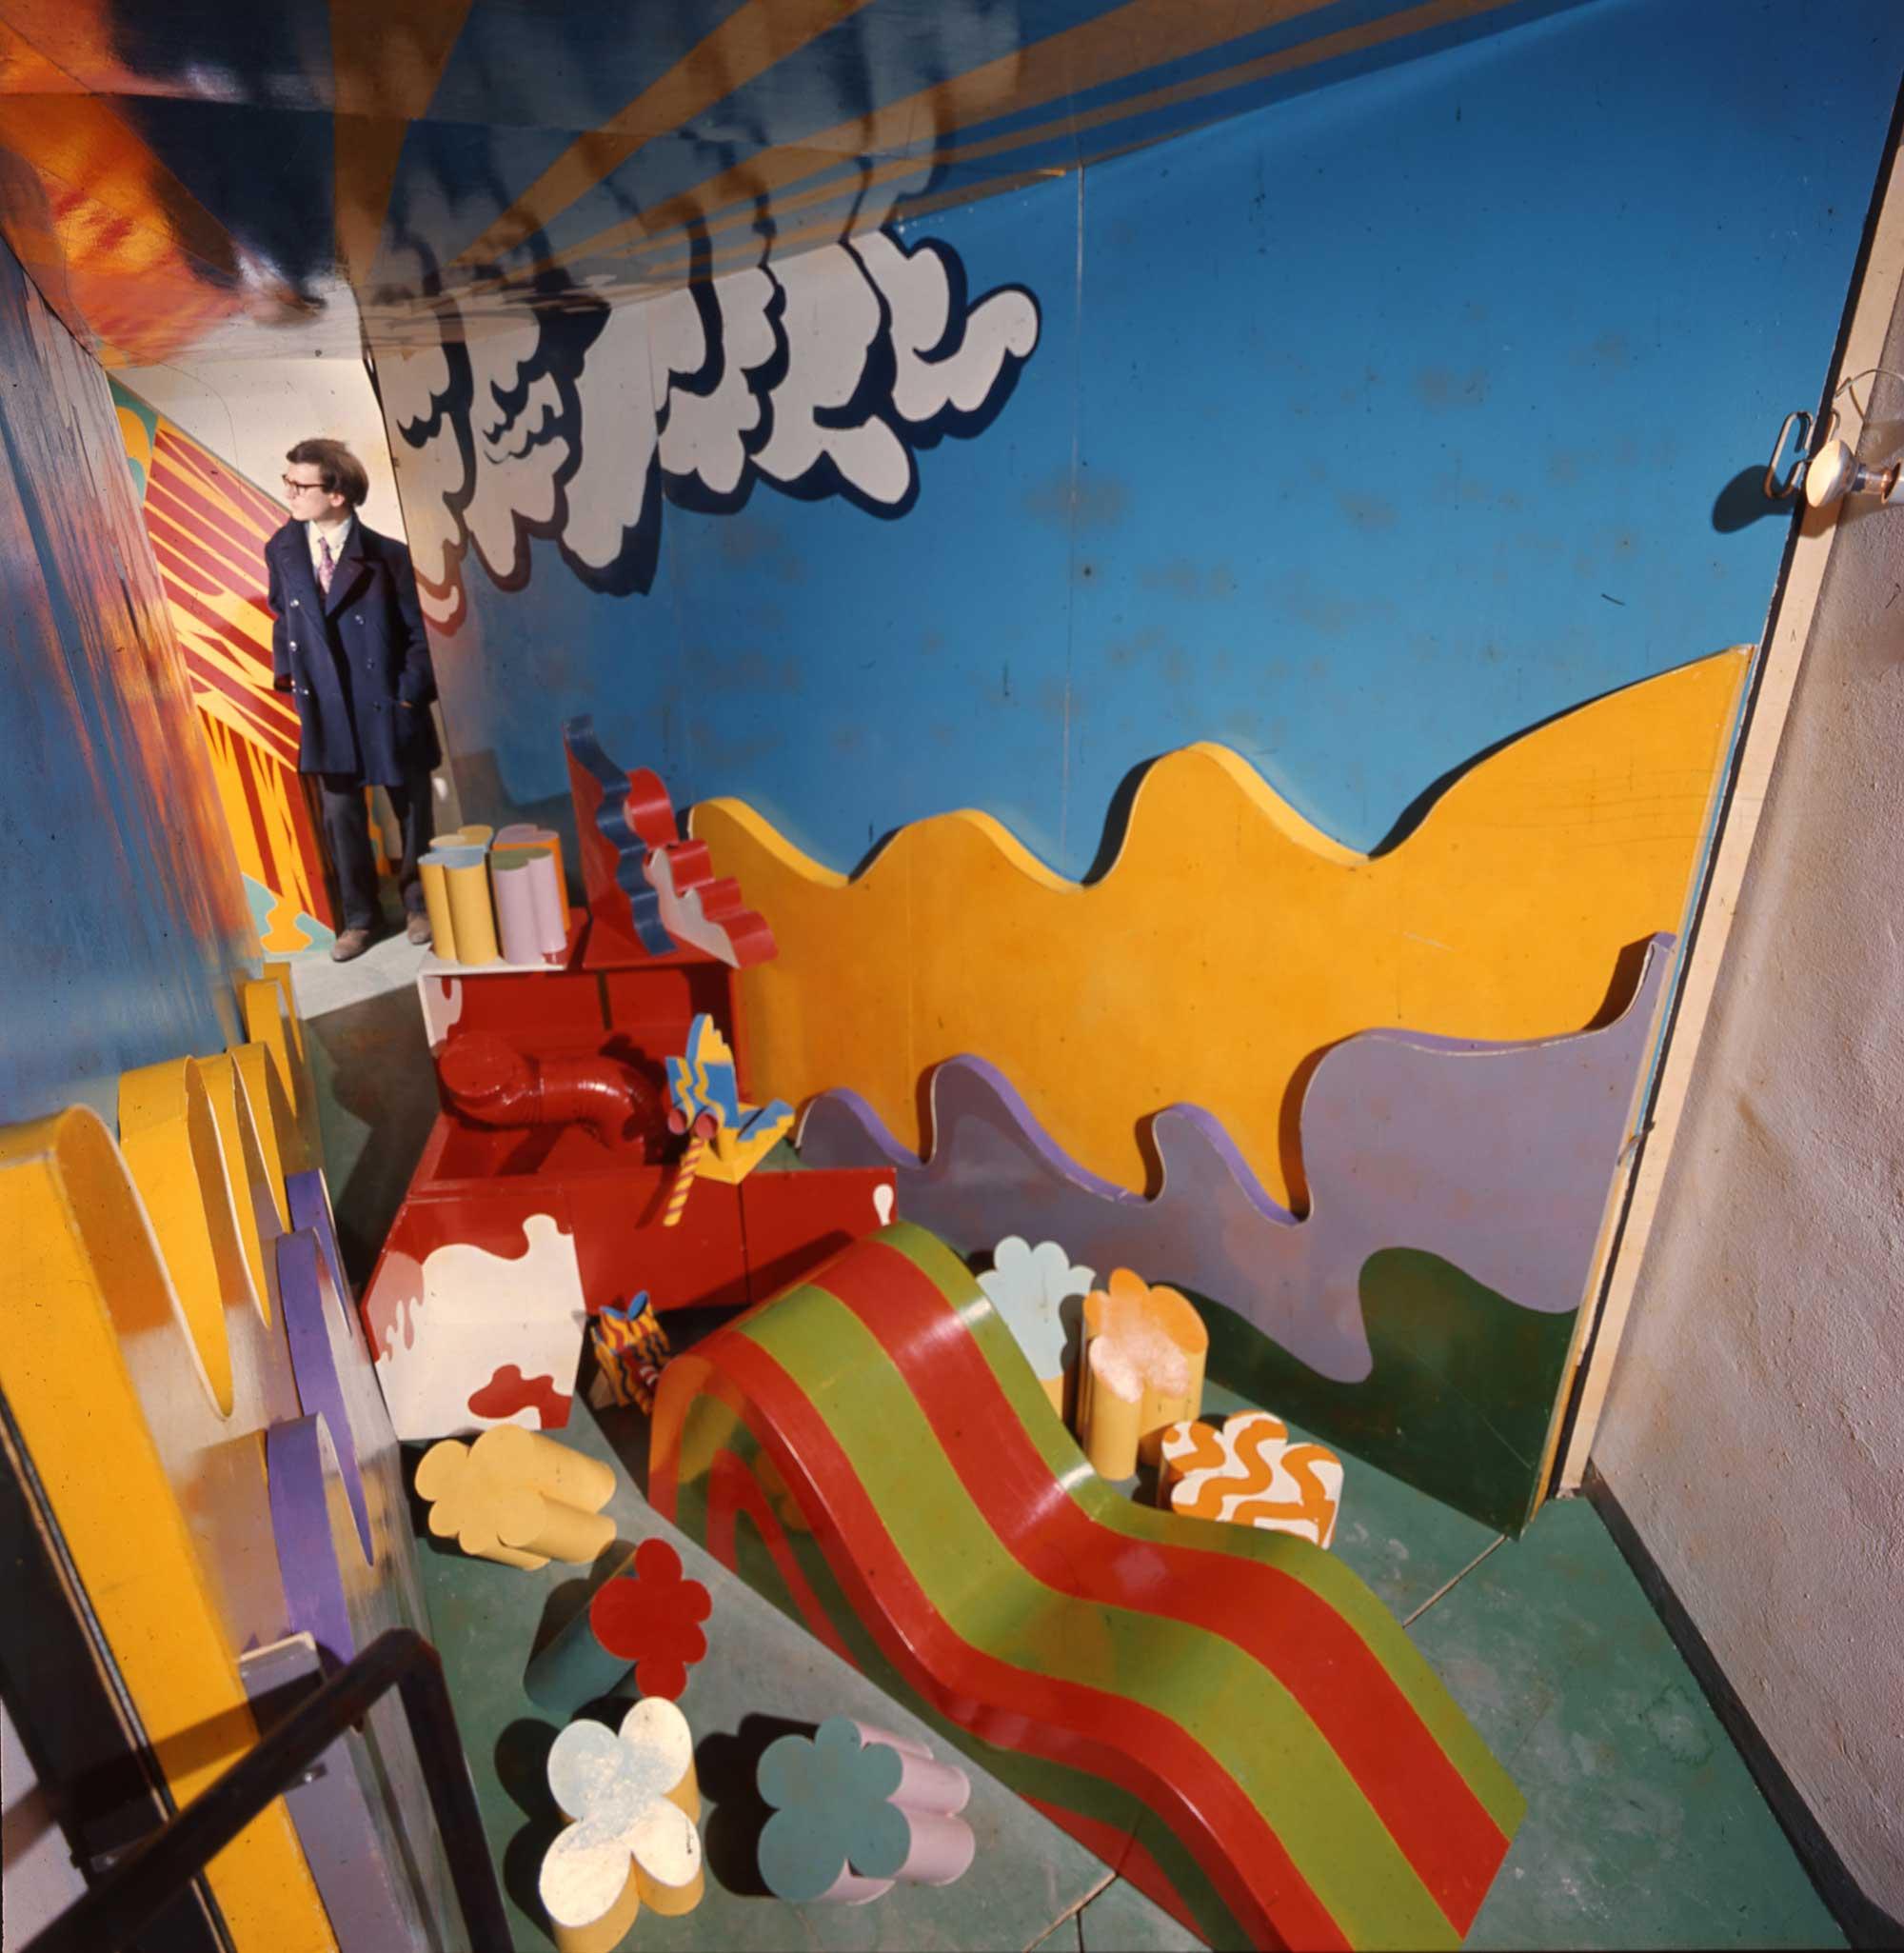 Adolfo Natalini alla mostra Superarchitettura - Galleria Jolly, Pistoia 1966 - photo Cristiano Toraldo di Francia